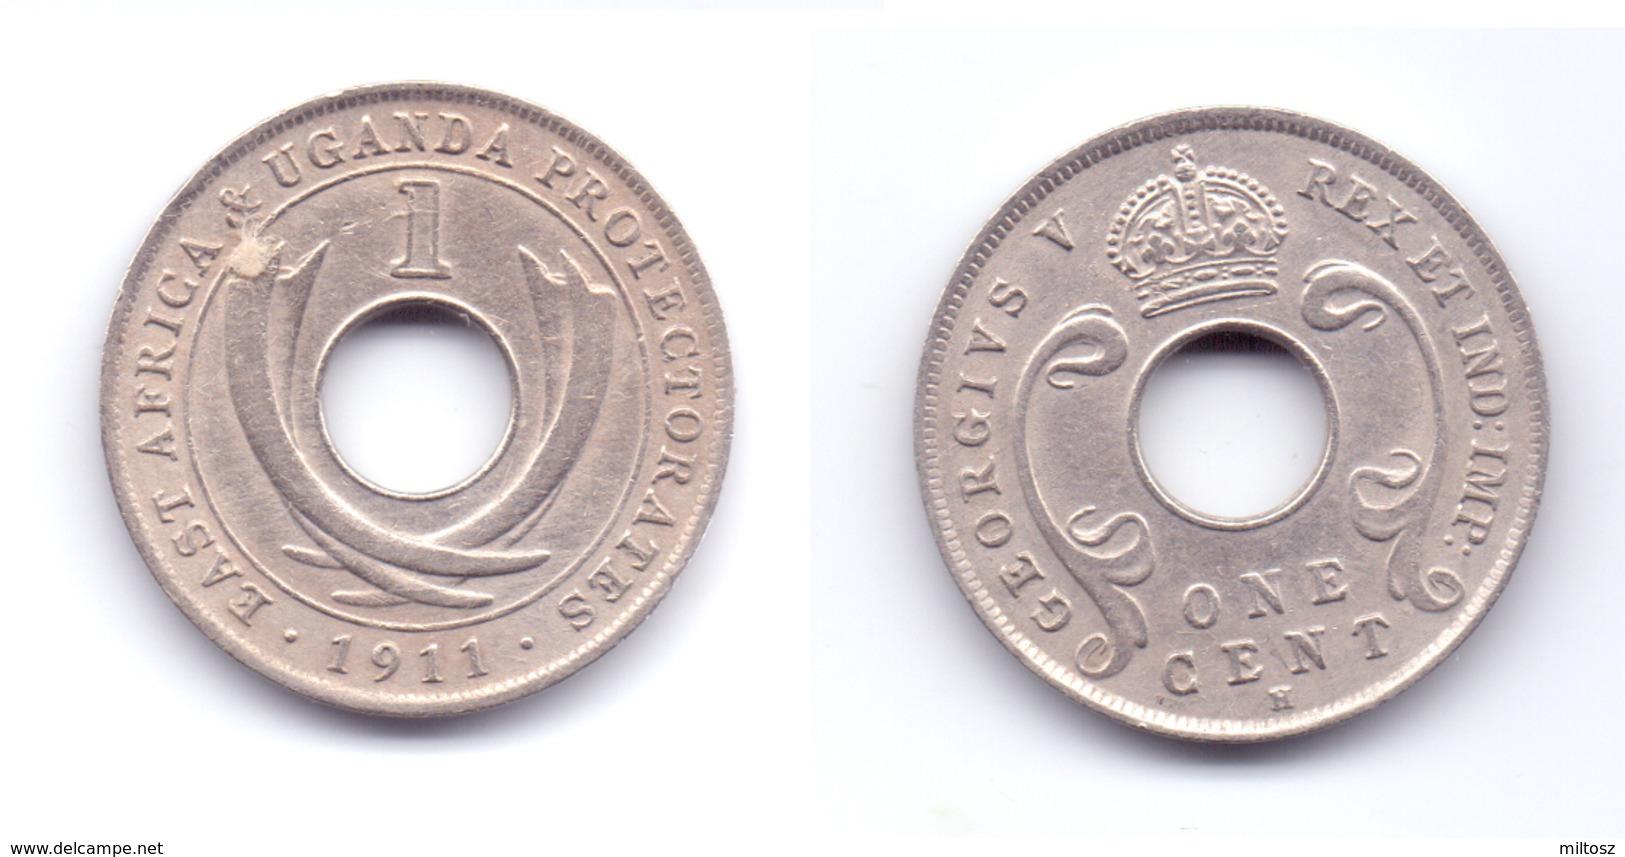 East Africa & Uganda Protectorates 1 Cent 1911 H - Afrique Orientale & Protectorat D'Ouganda